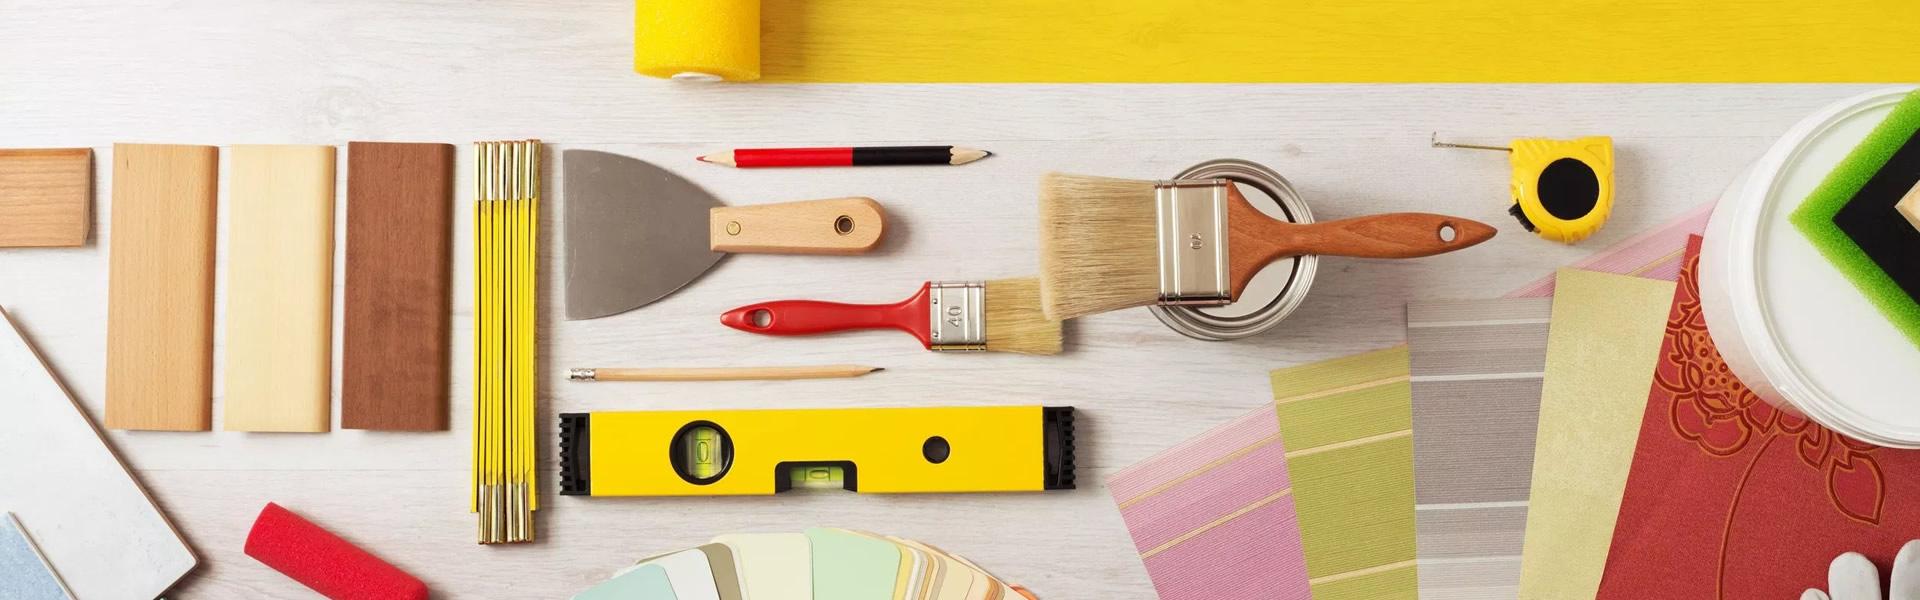 Offerte e sconti del Colorificio Pramar | Casale Monferrato (AL)